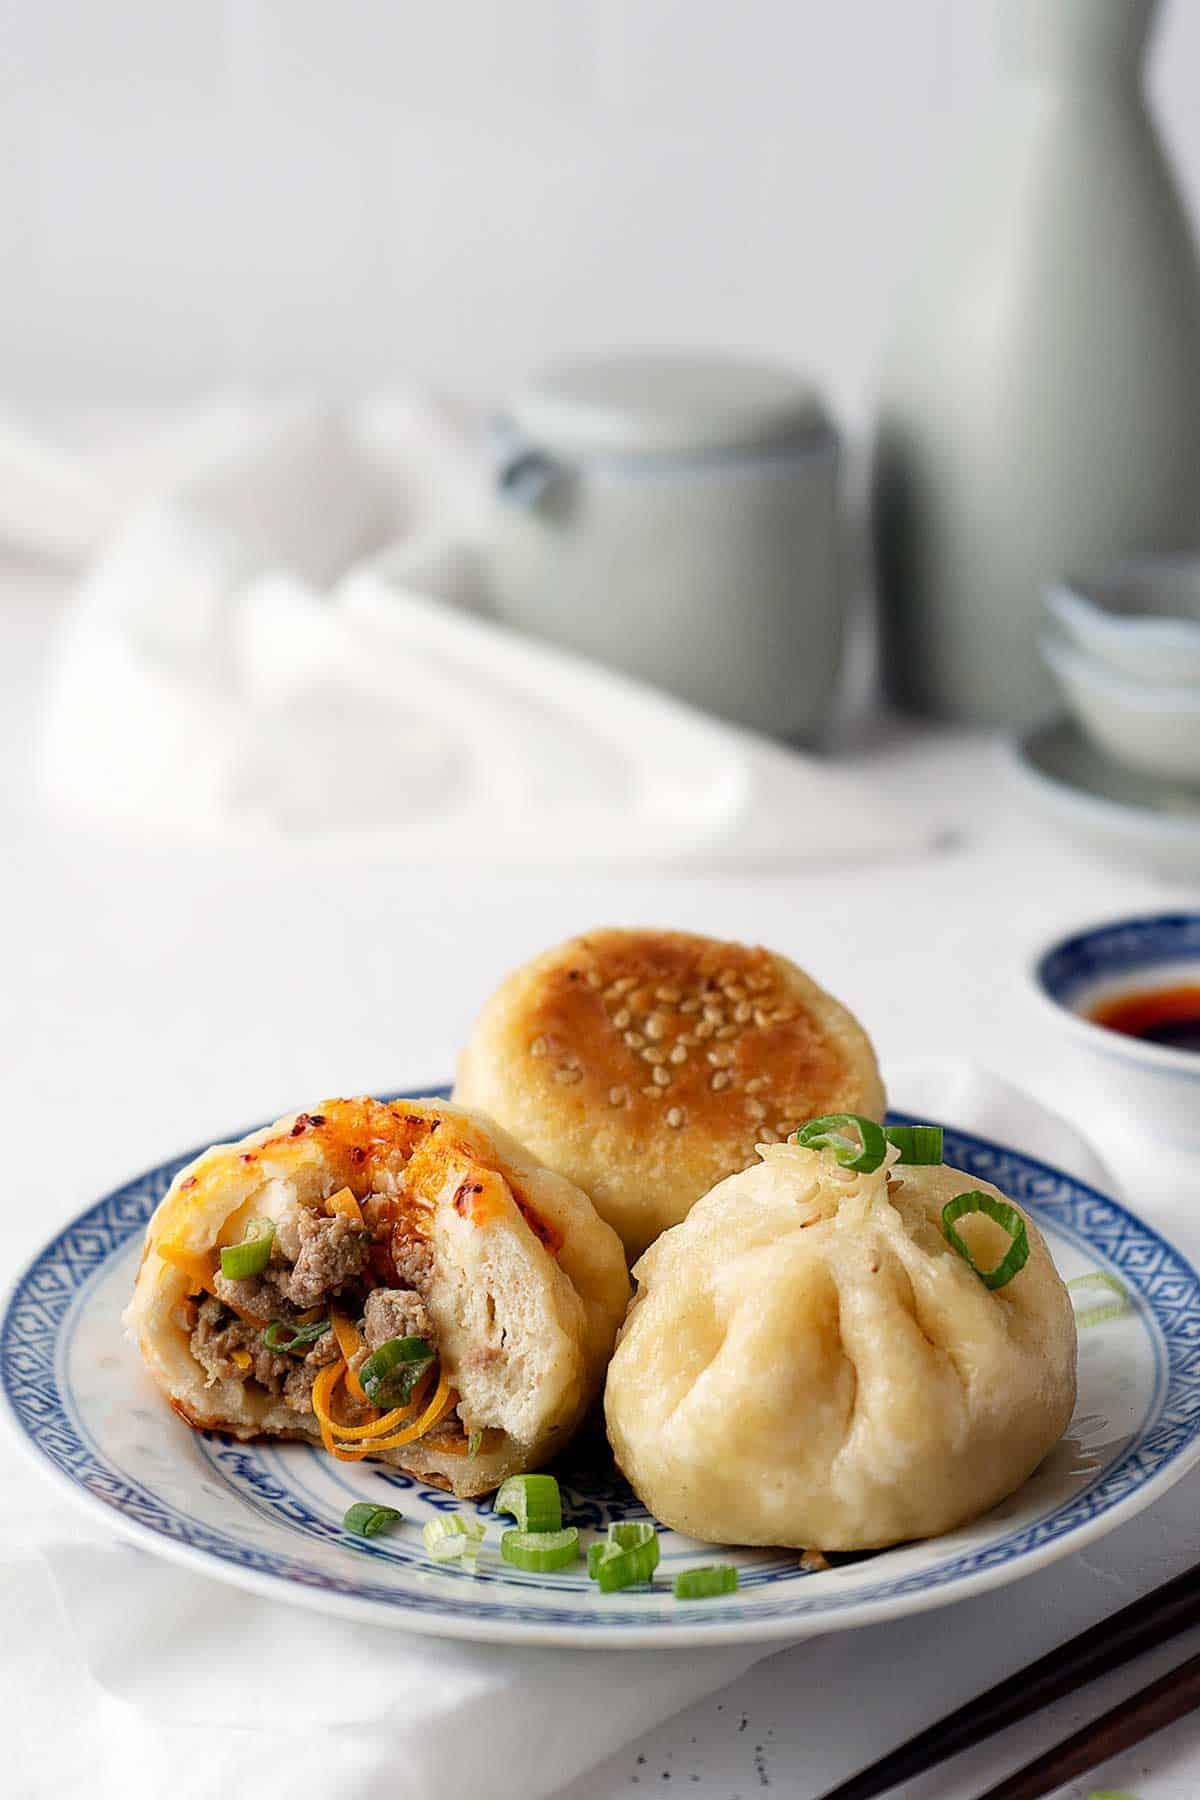 Partially eaten pan-fried baozi